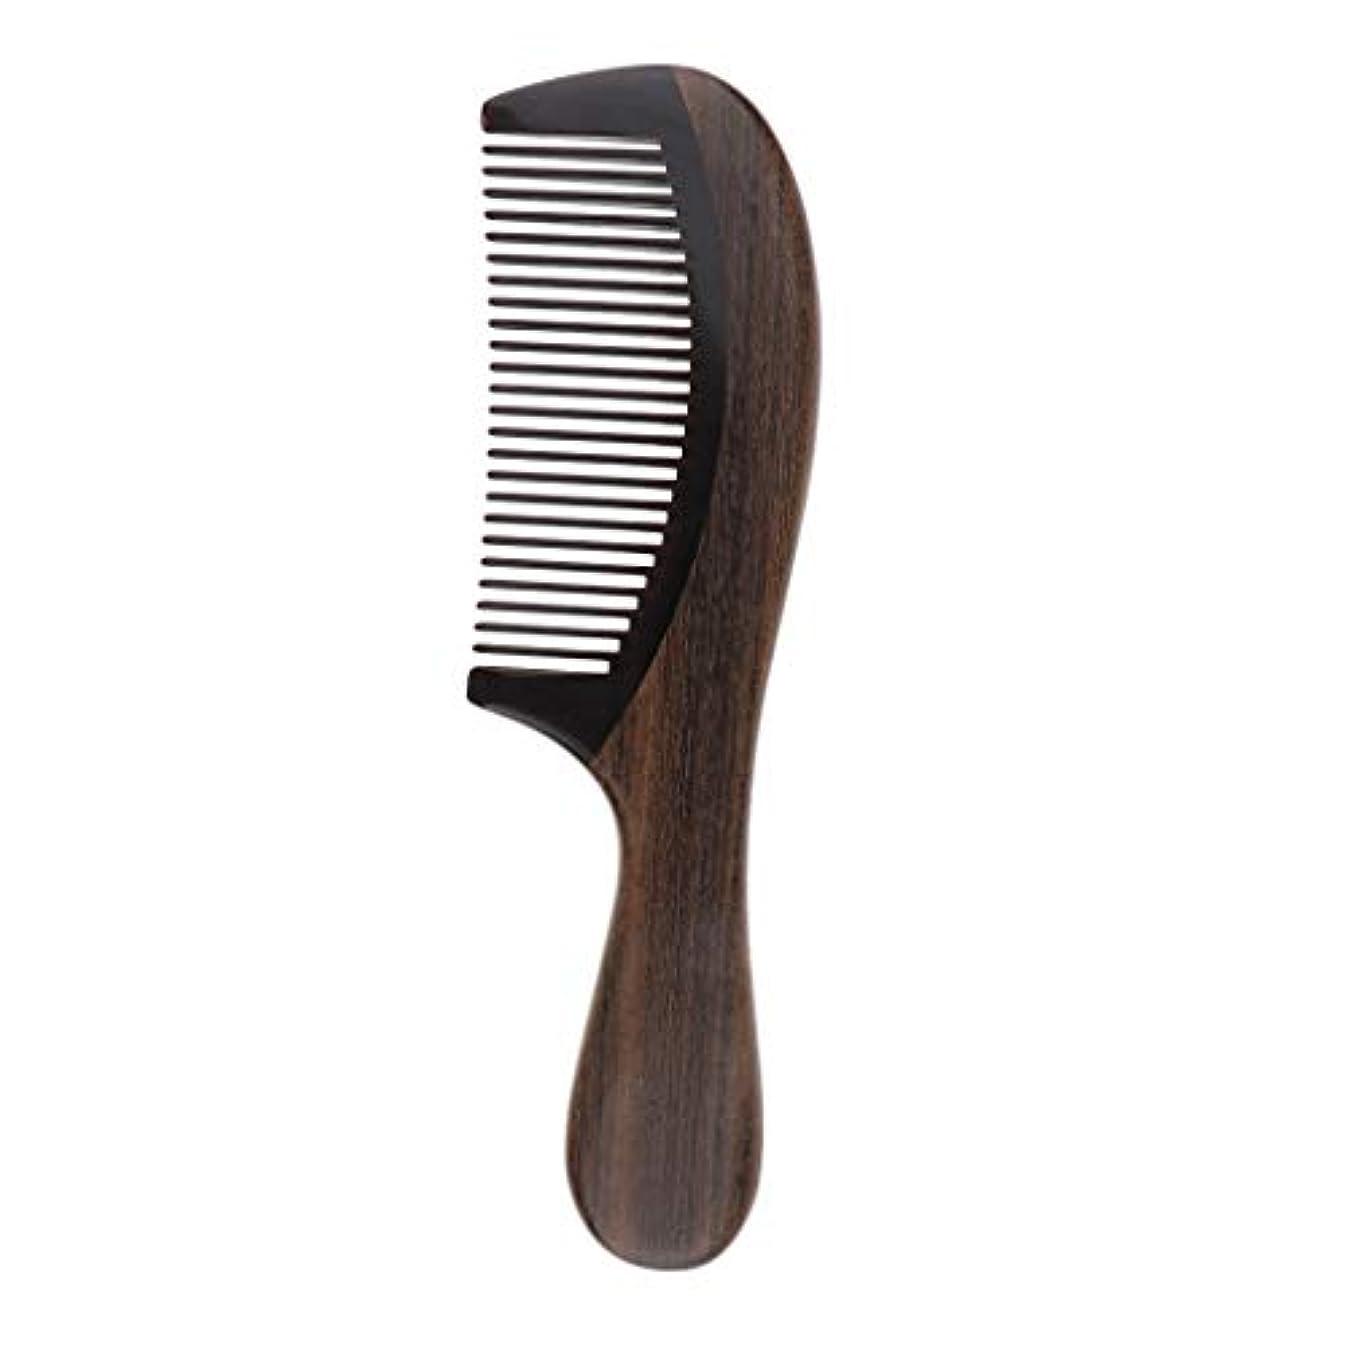 ベーカリーコミットメント不健康CUTICATE 櫛 木製 くし コーム 木製ヘアコーム 頭皮マッサージ くし 静電気防止 頭 美髪ケア サンダルウッド